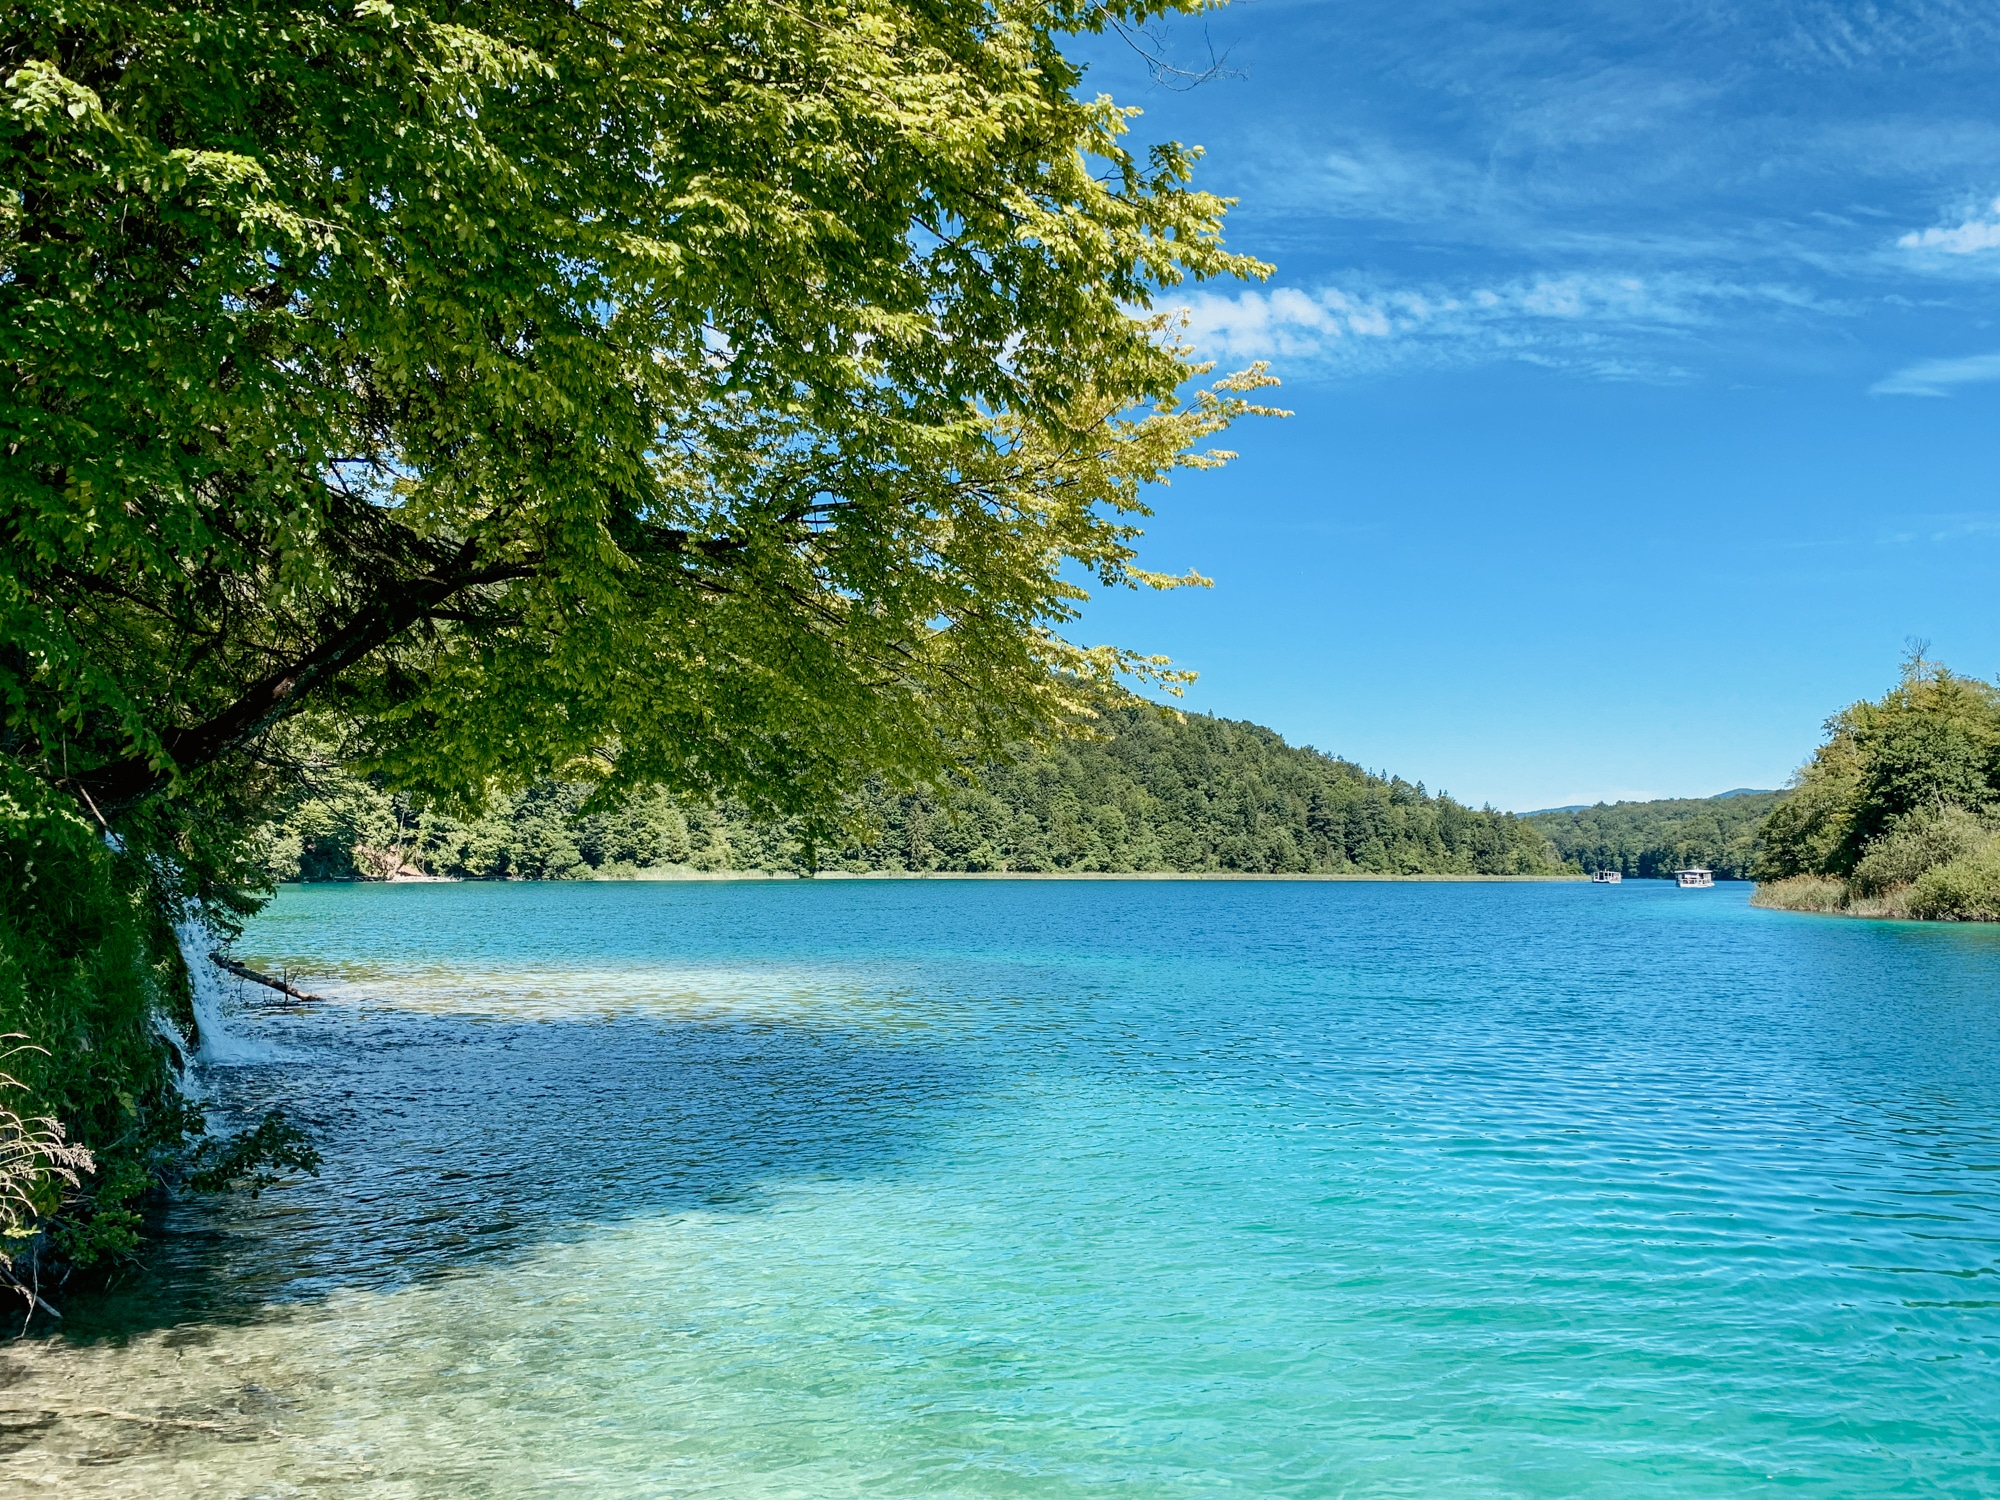 Nationalpark Plitvicer Seen: Tipps für den schönsten Kroatien Nationalpark - Türkisblaues Wasser